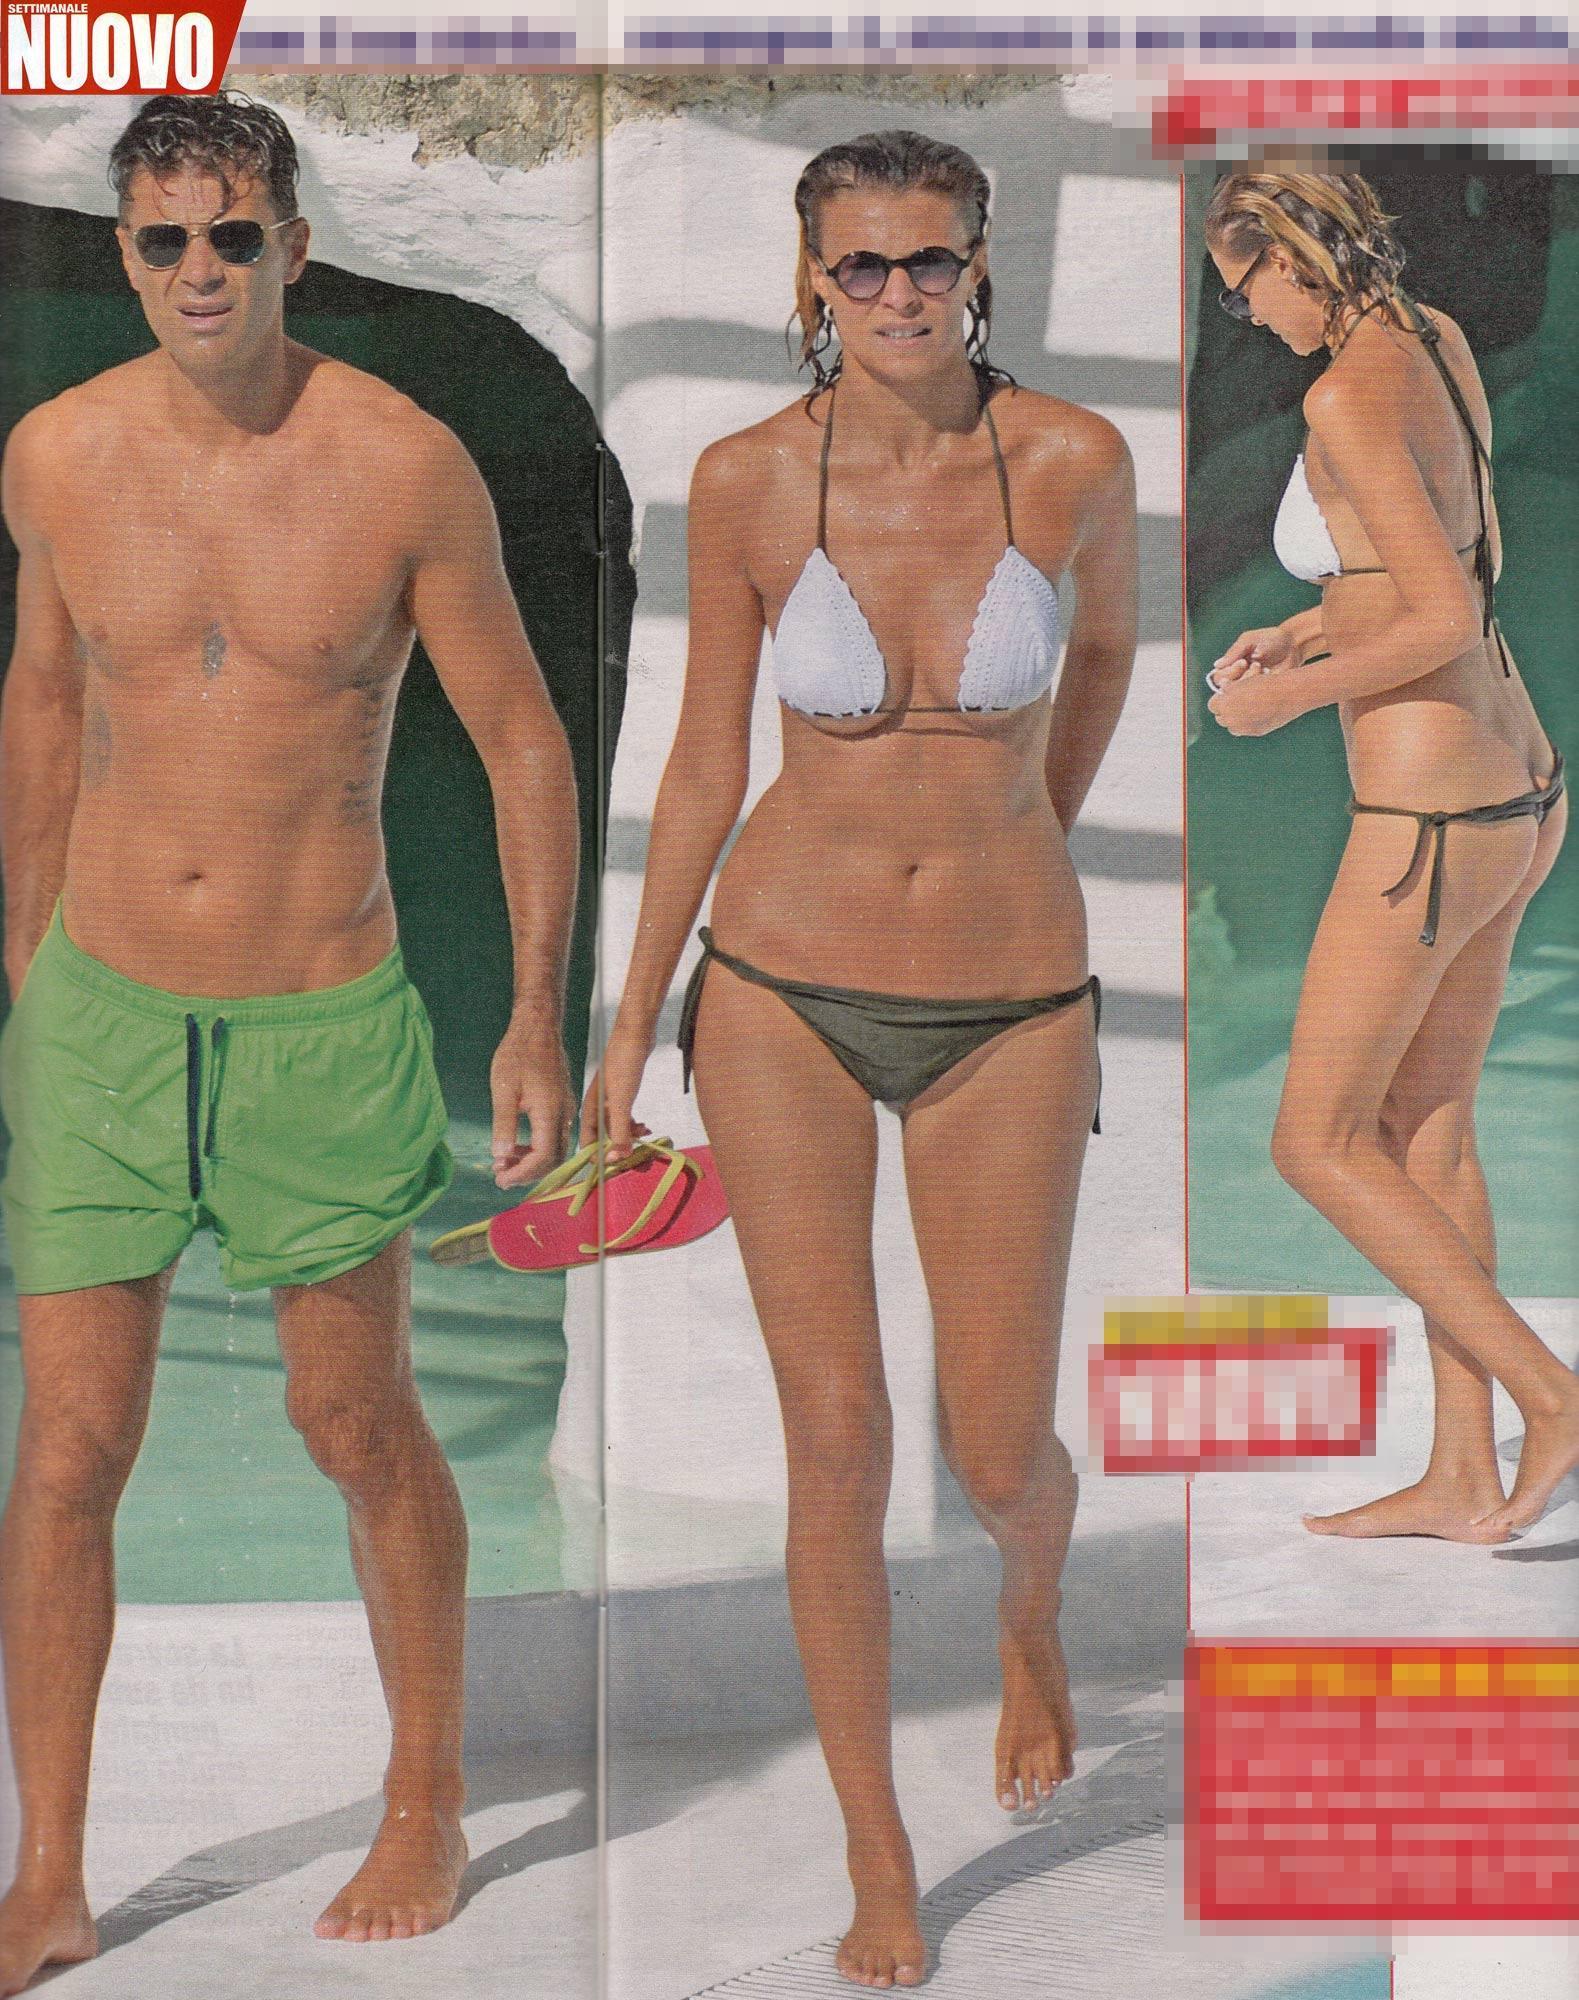 Grande grasso Harry figa